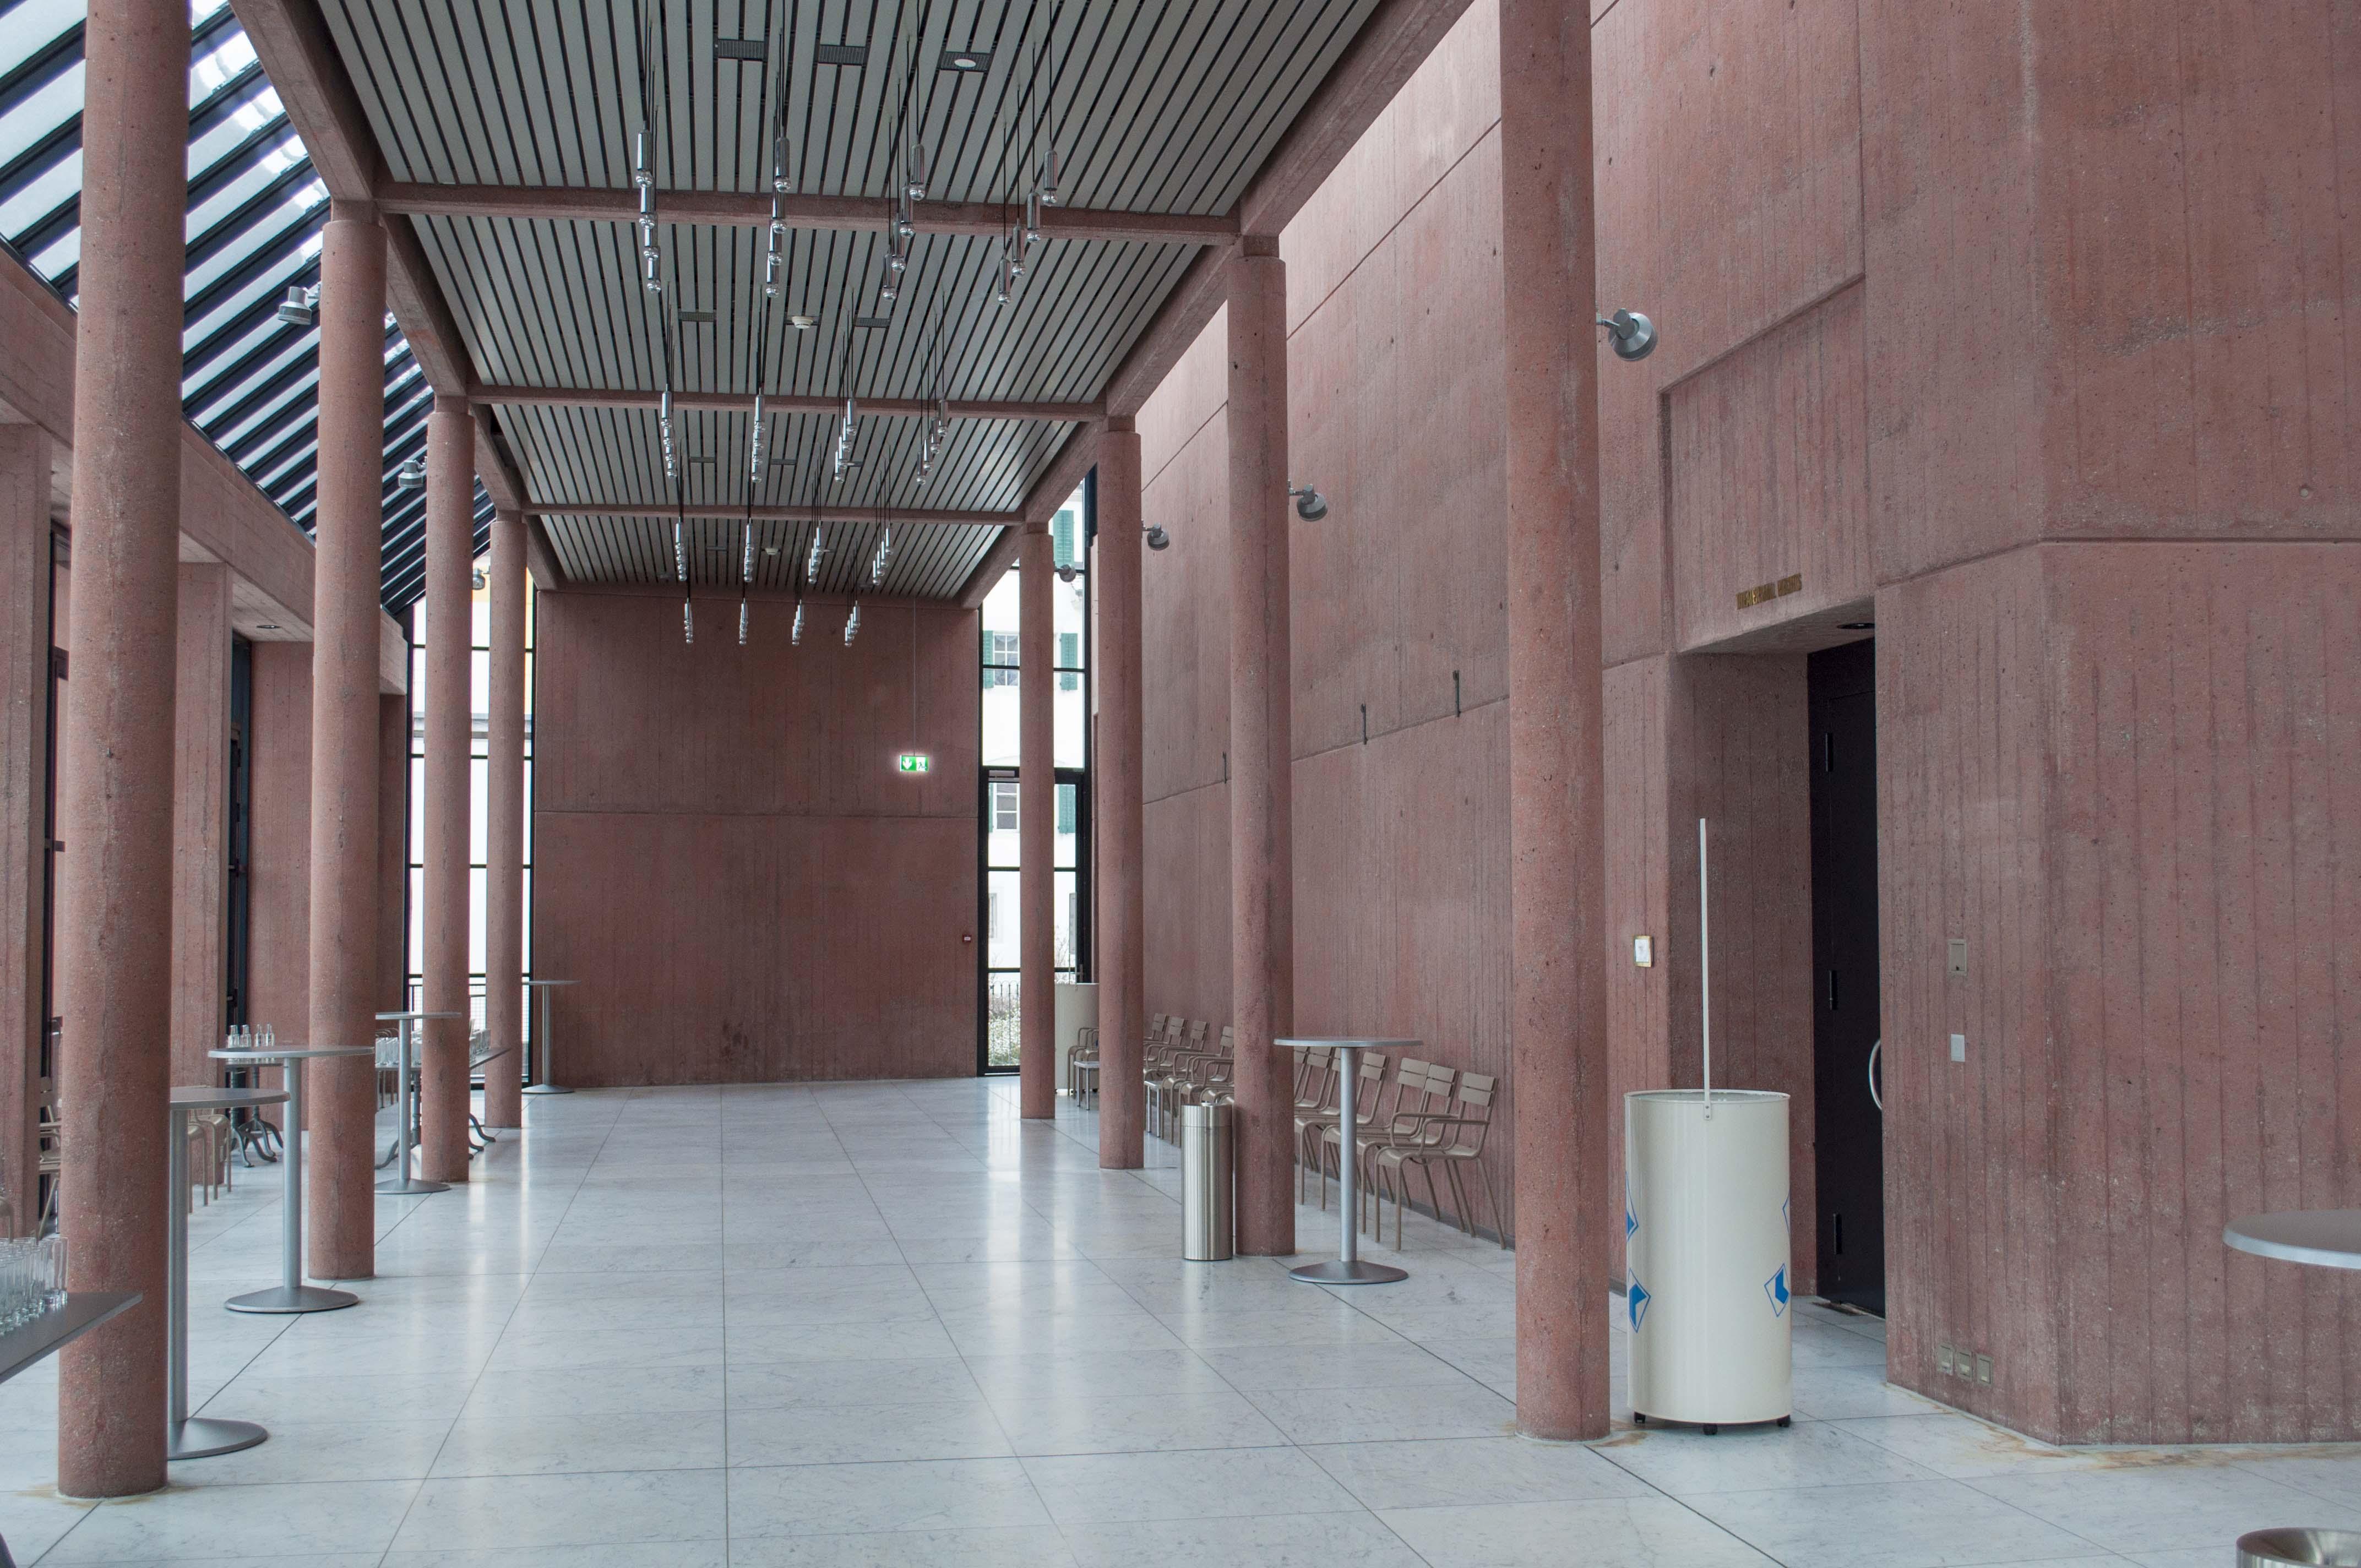 Kahler Eingangsbereich zum Grossen Saal: Früher war die Wand rechts und auf der Stirnseite mit Kunst geschmückt.